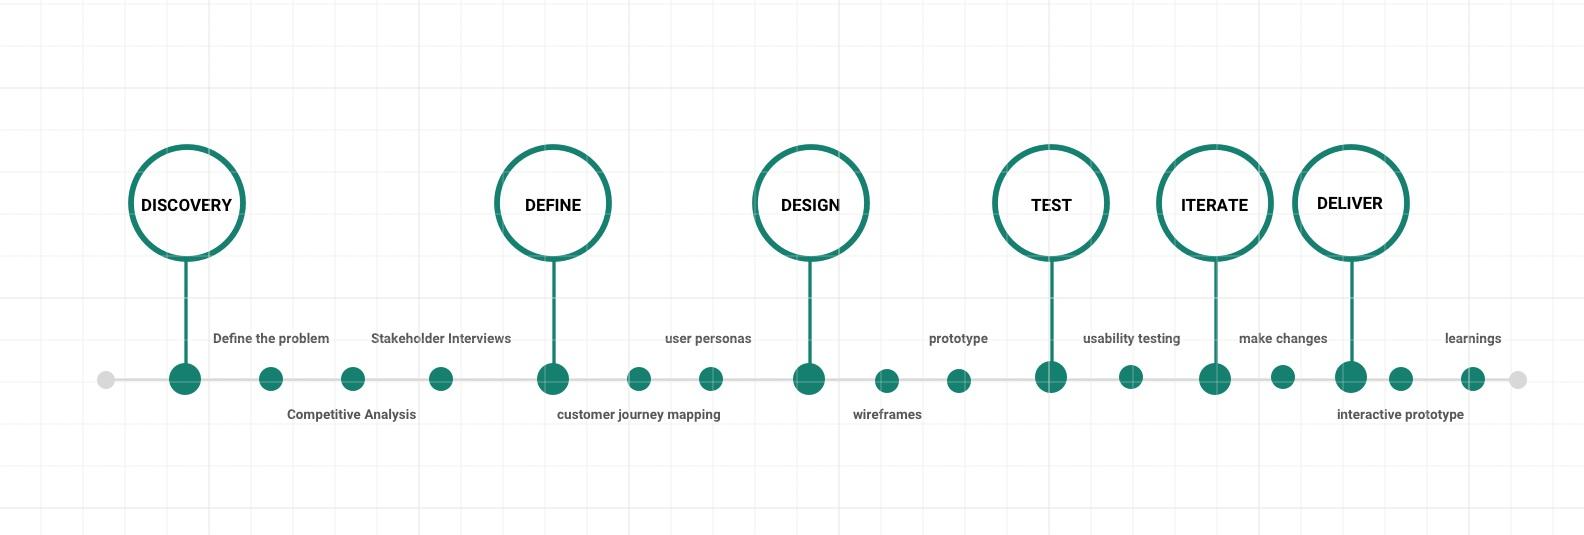 Design+Timeline.jpg